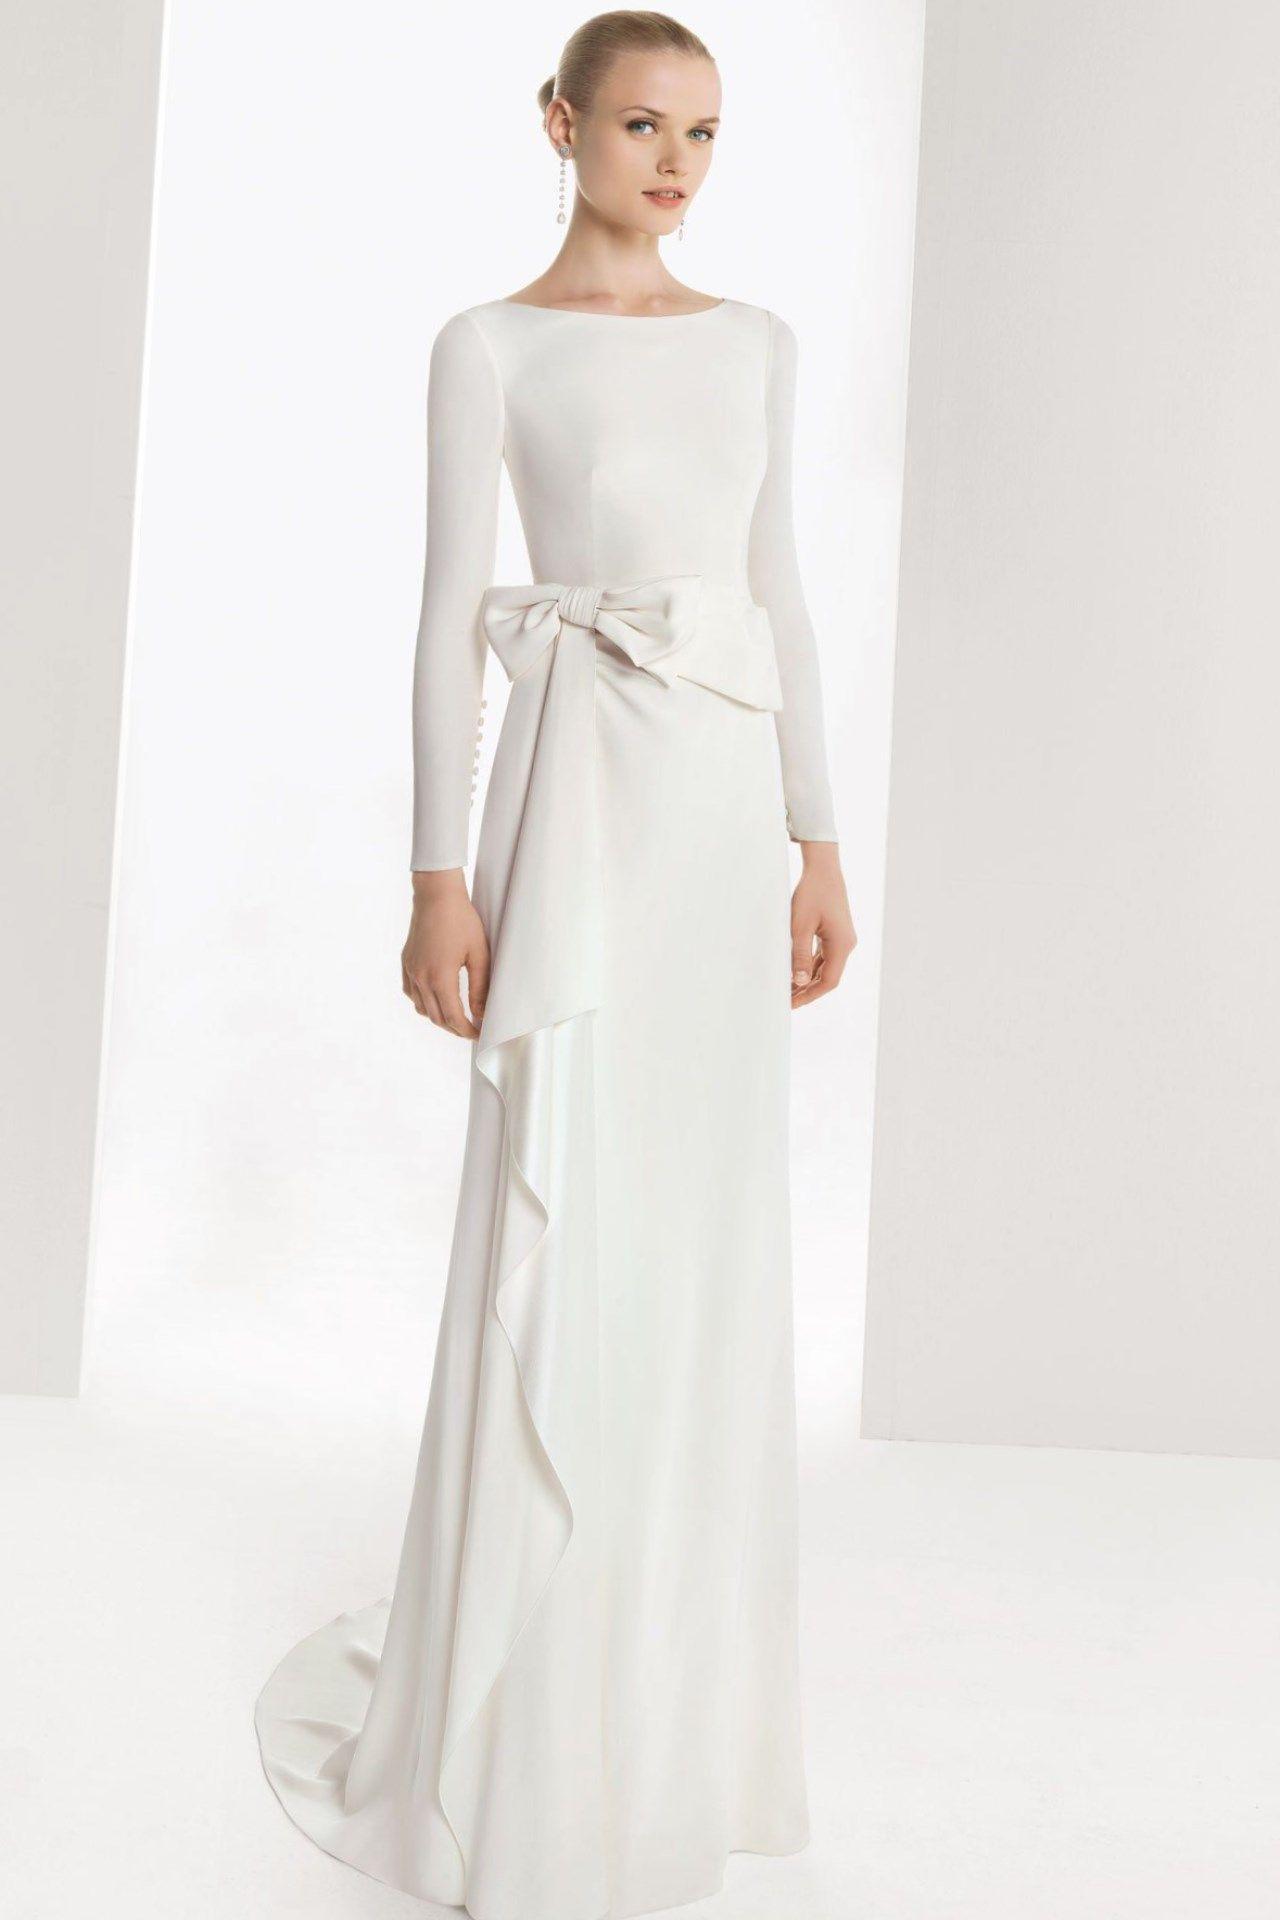 Hochzeitskleider Für Ältere Frauen - Modetrends 2020 - Die